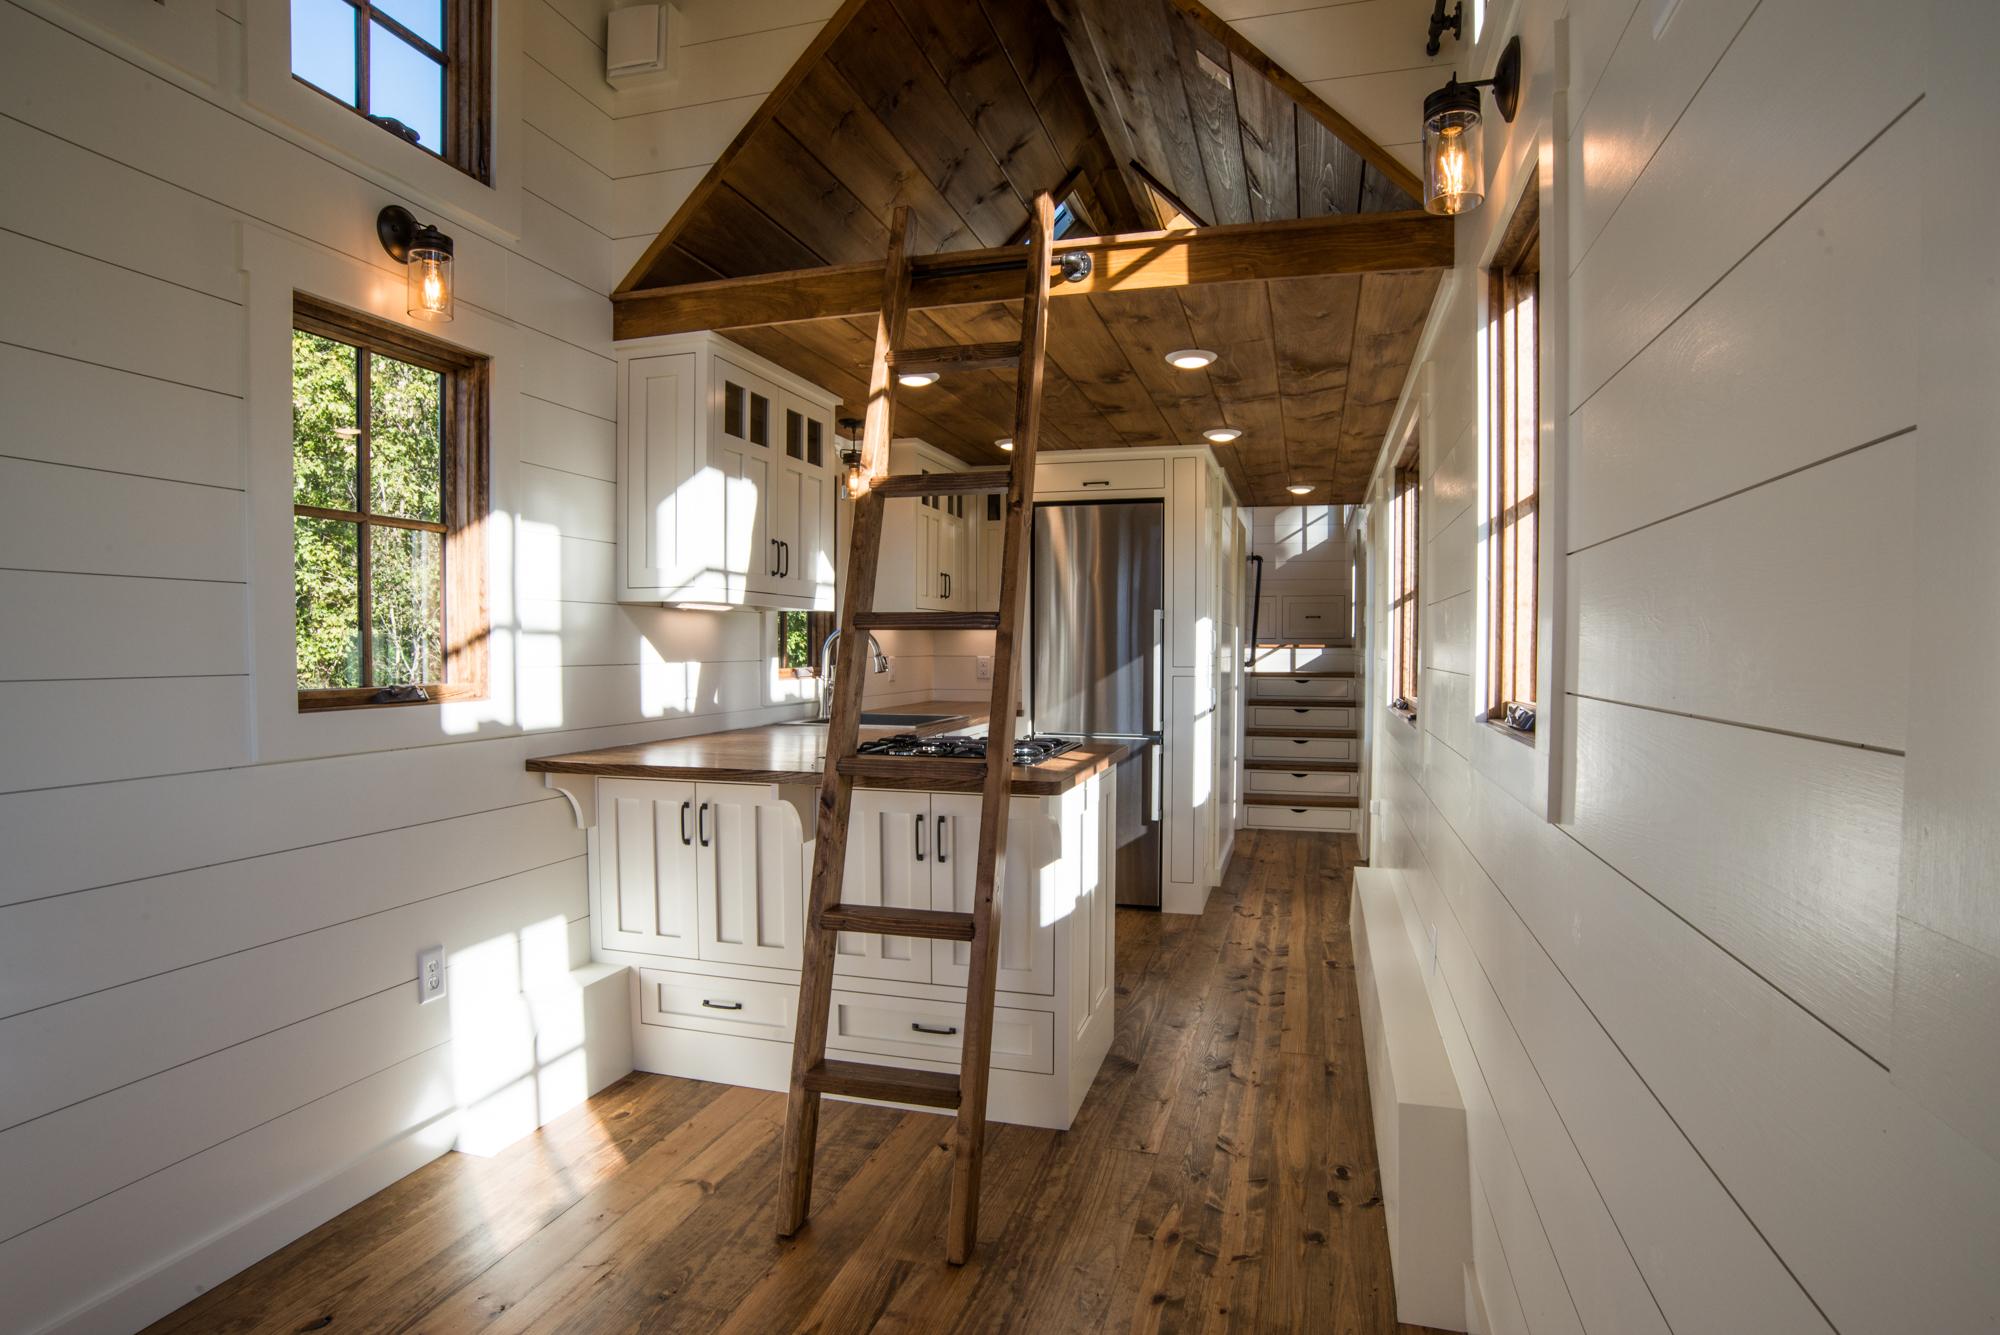 Kitchen With Loft Storage